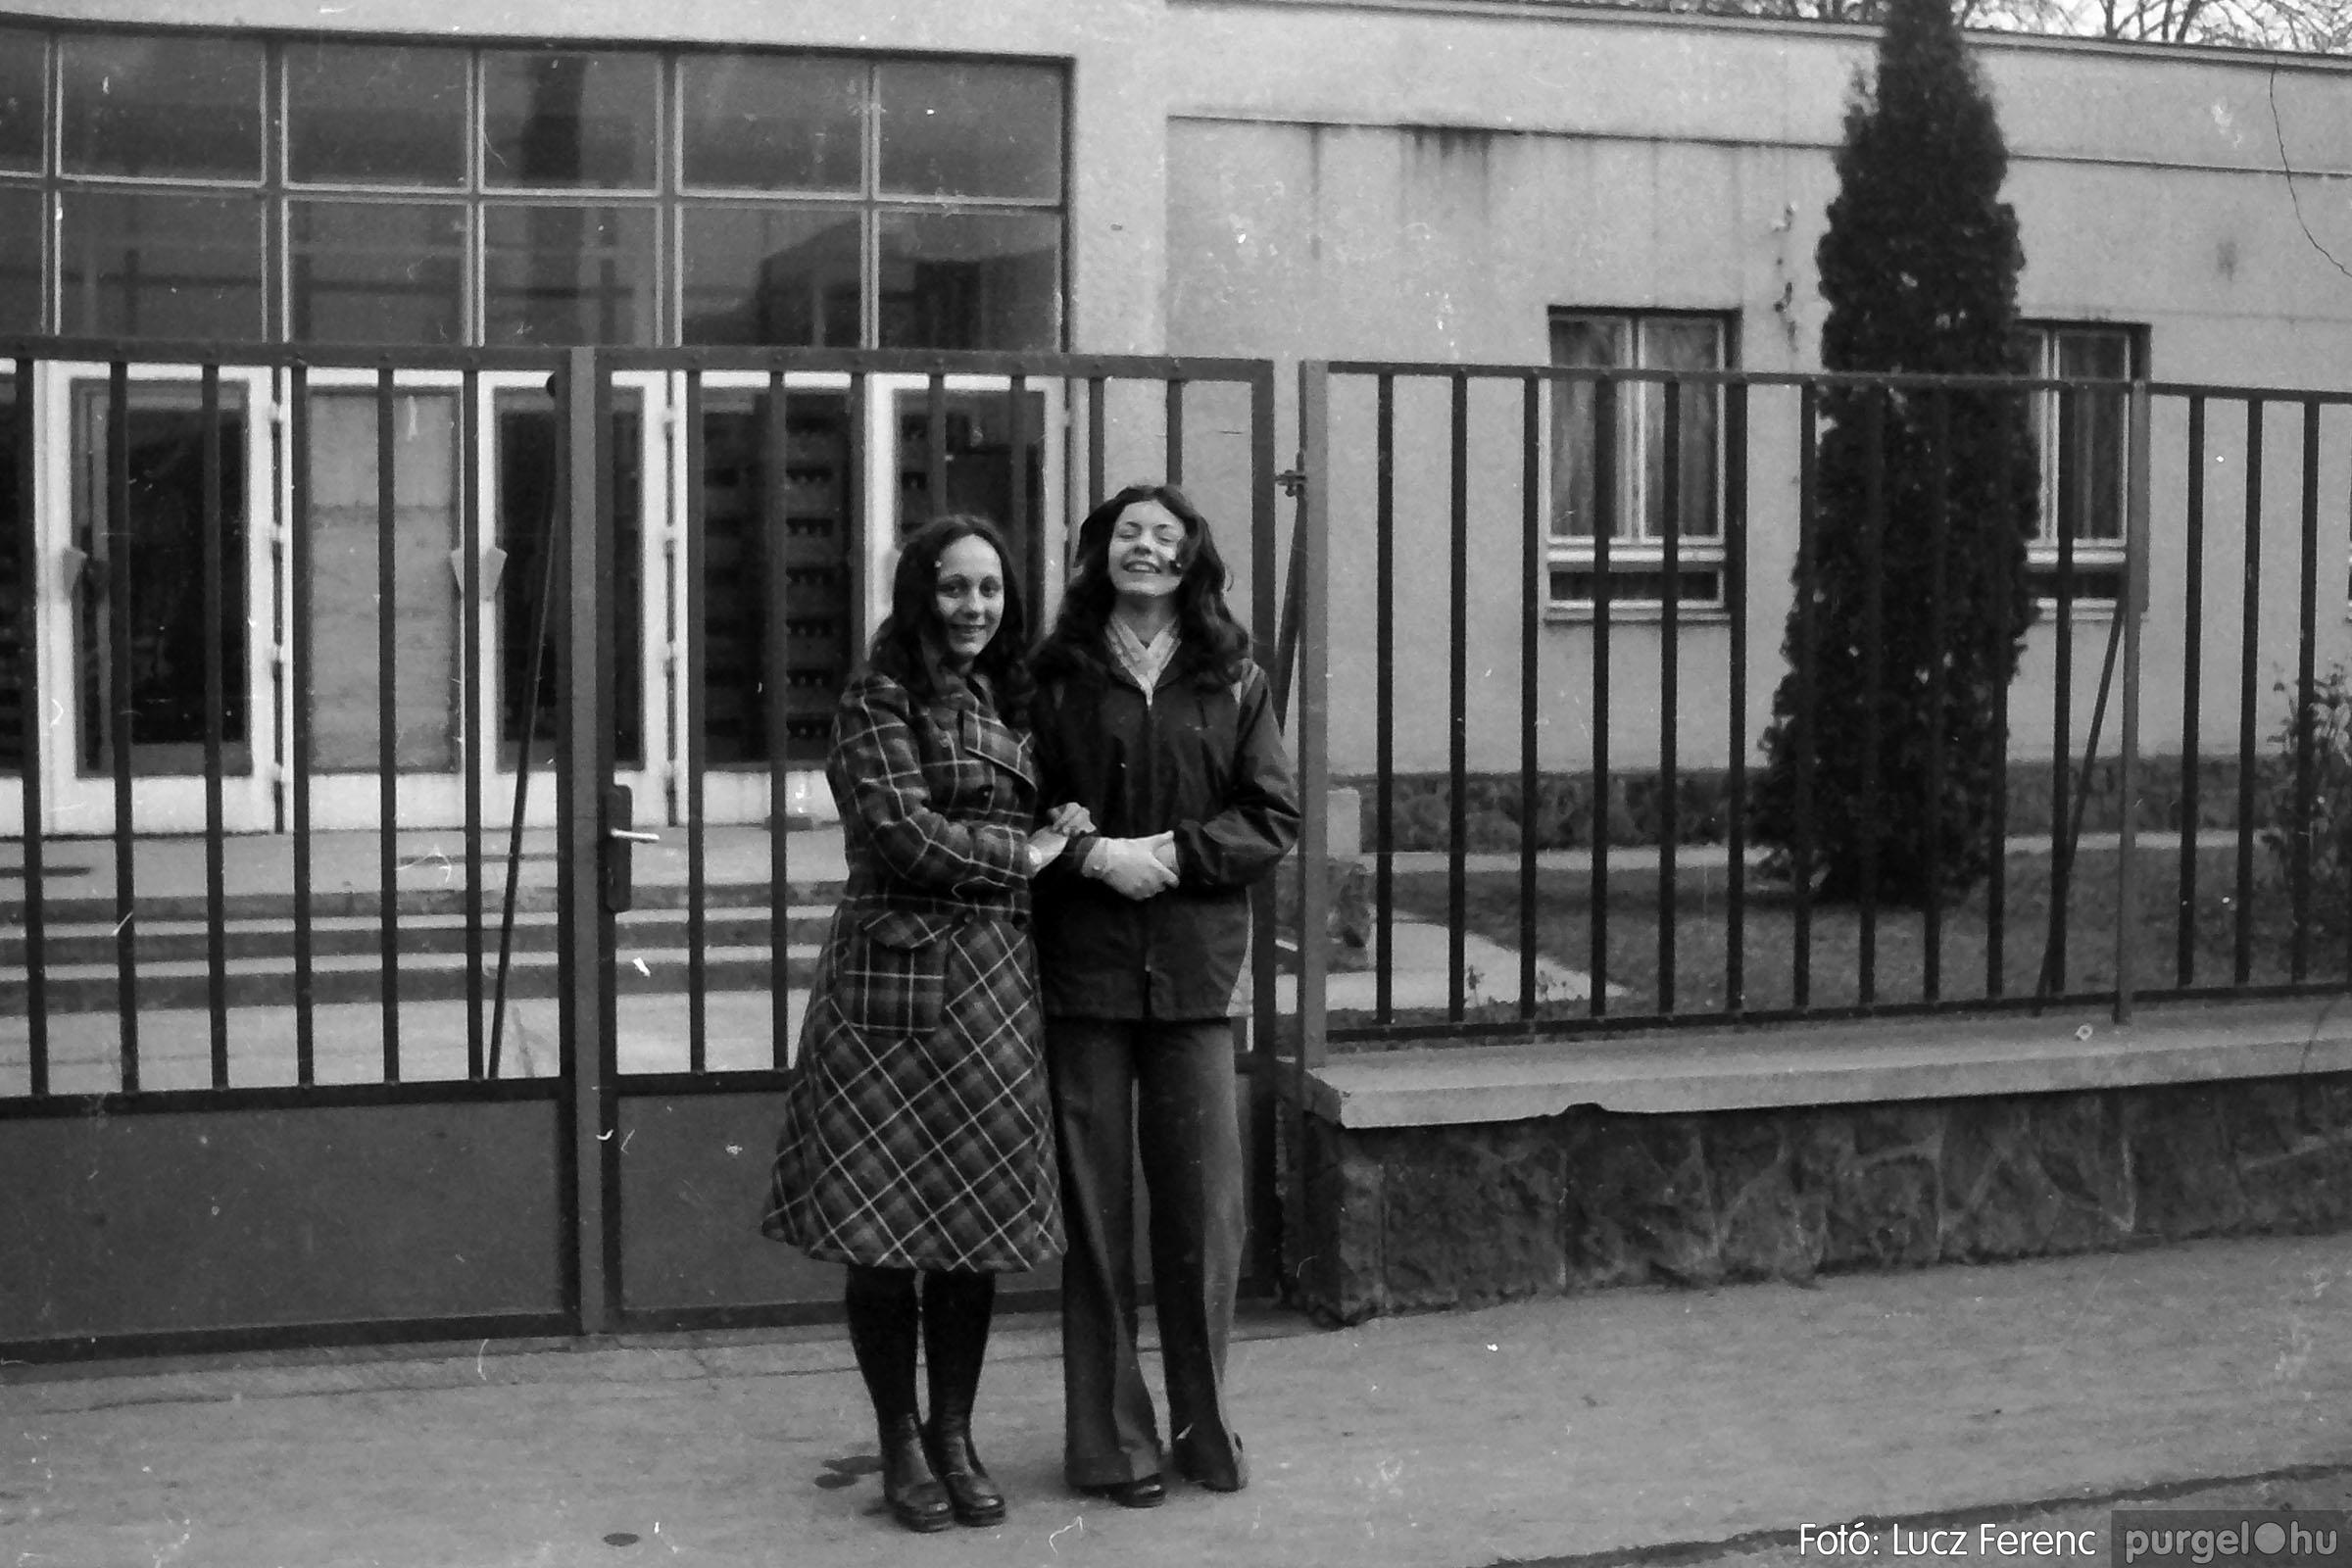 018-019 1975. Élet a kultúrházban 023 - Fotó: Lucz Ferenc IMG00067q.jpg